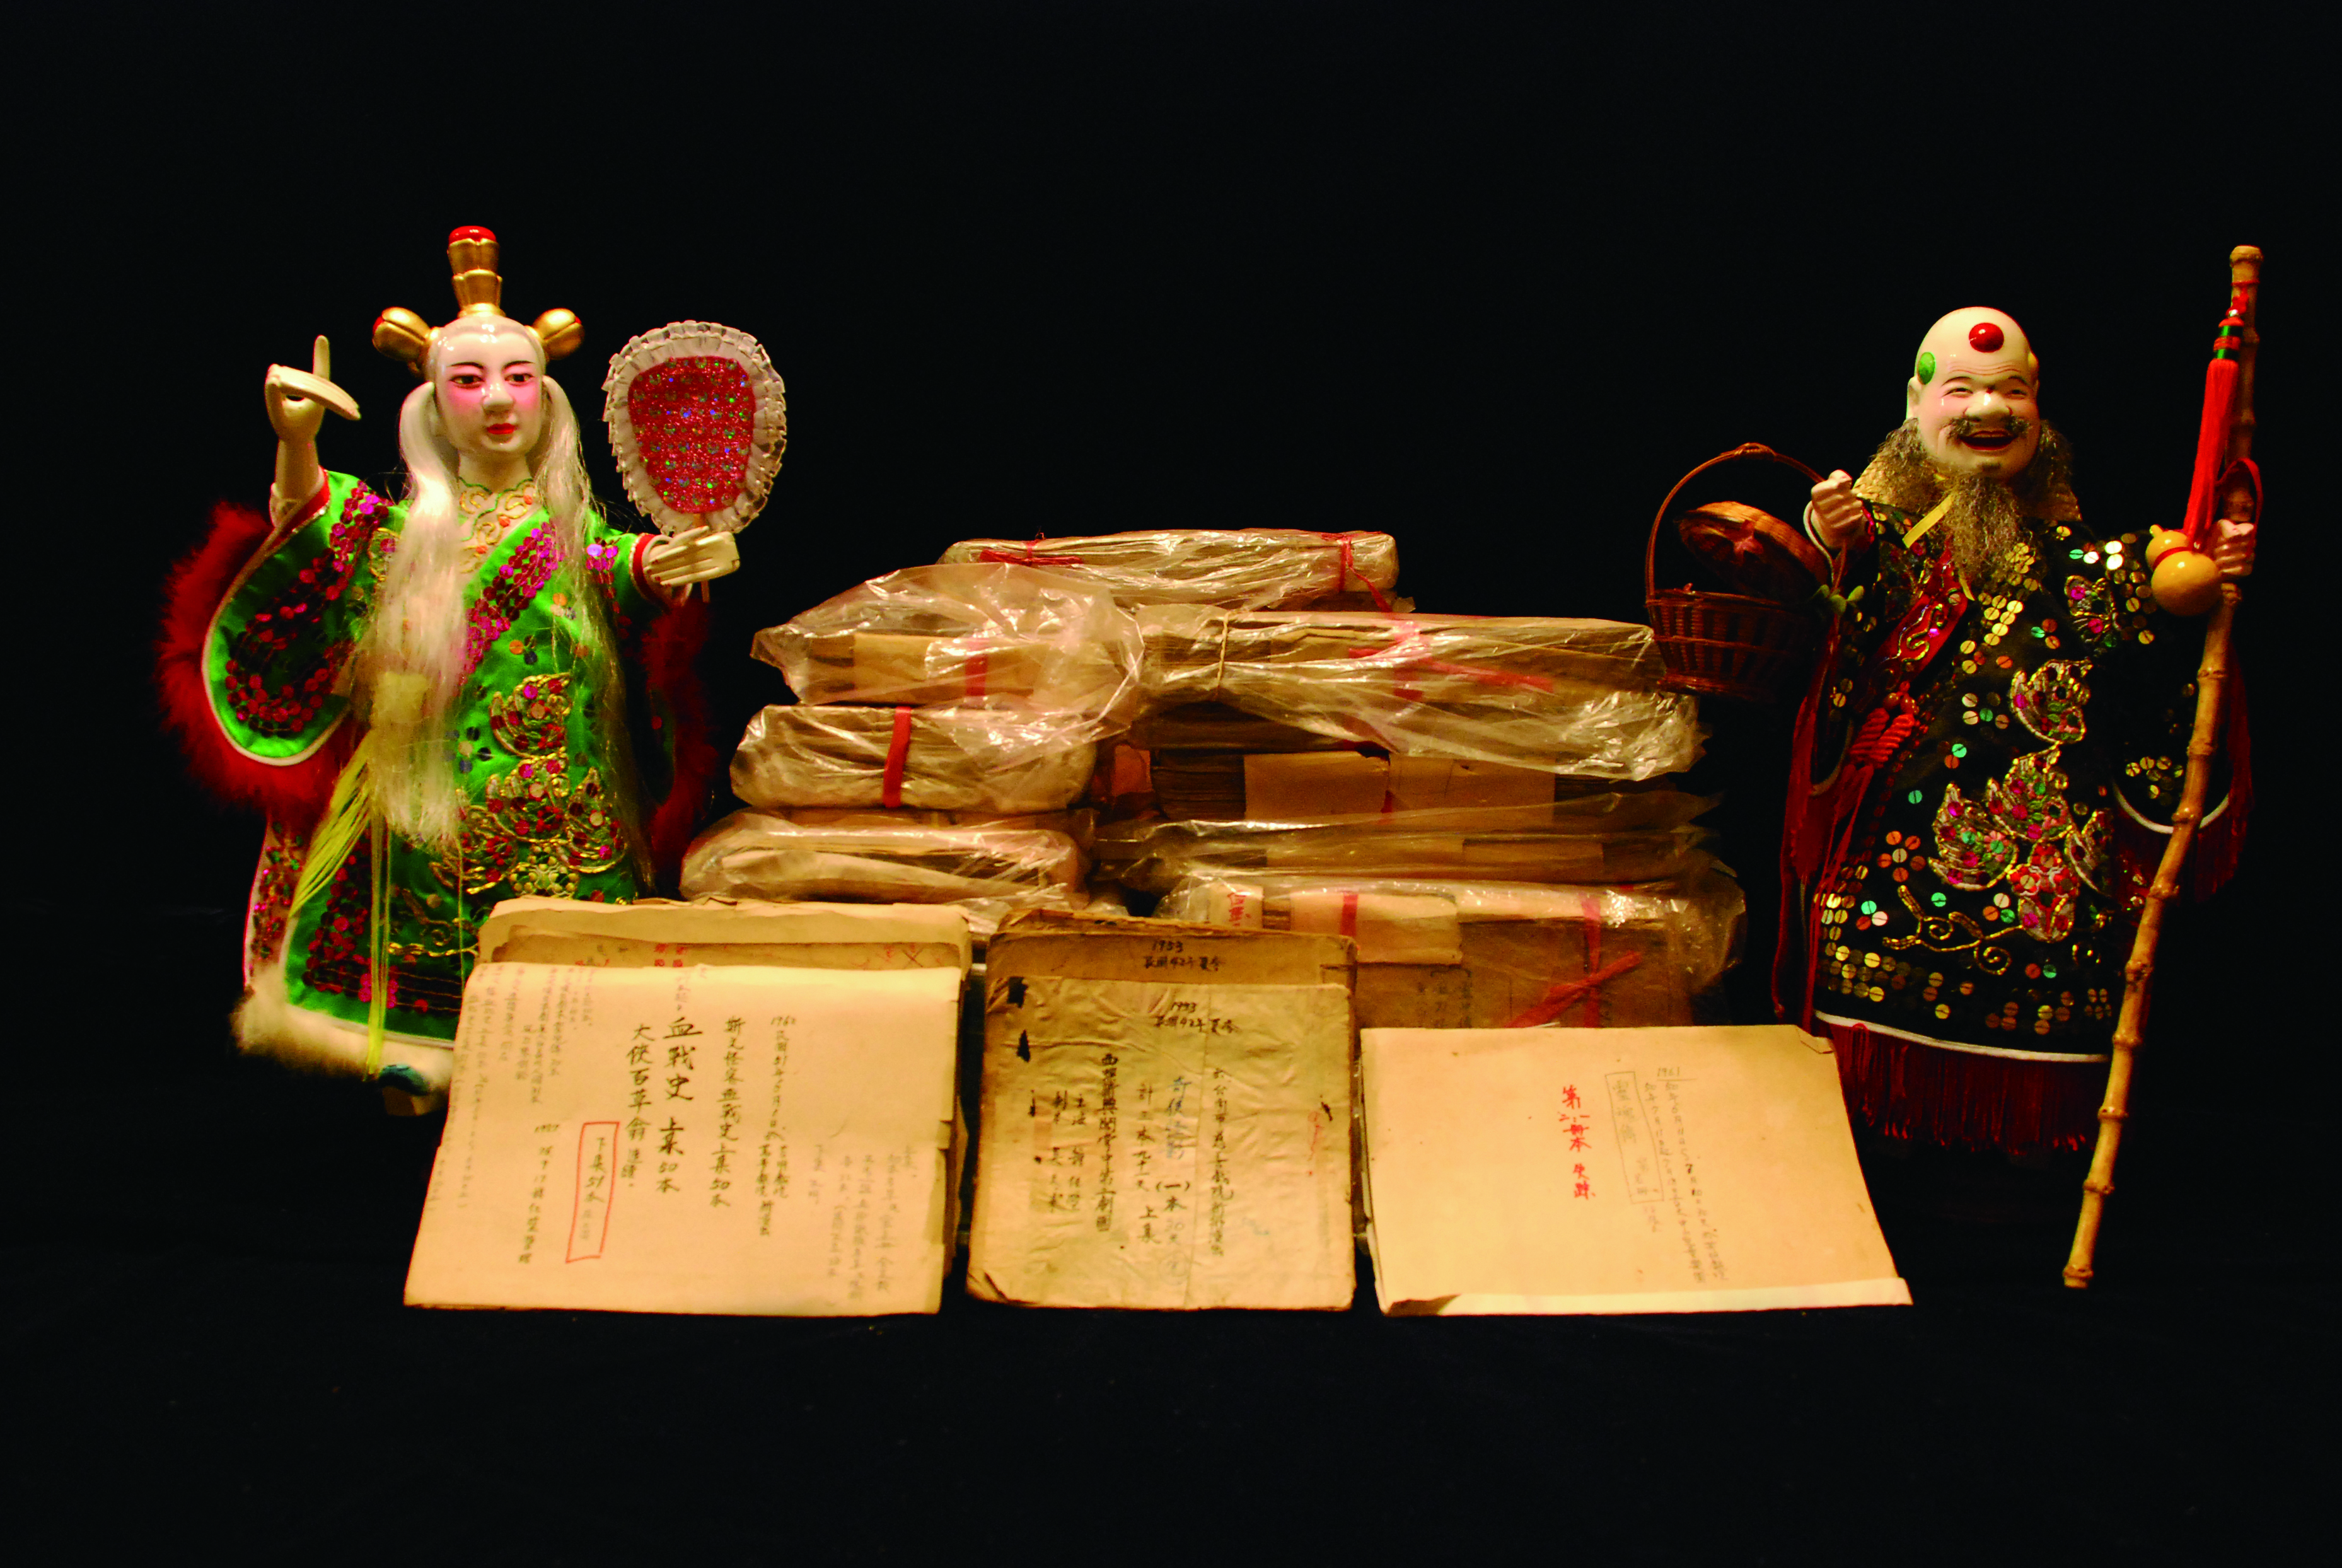 圖7鍾任壁保存的《大俠百草翁》系列劇本與著名的斯文怪客( 左) 與大俠百草翁戲偶。( 新興閣掌中劇團提供,林少緯攝影).JPG